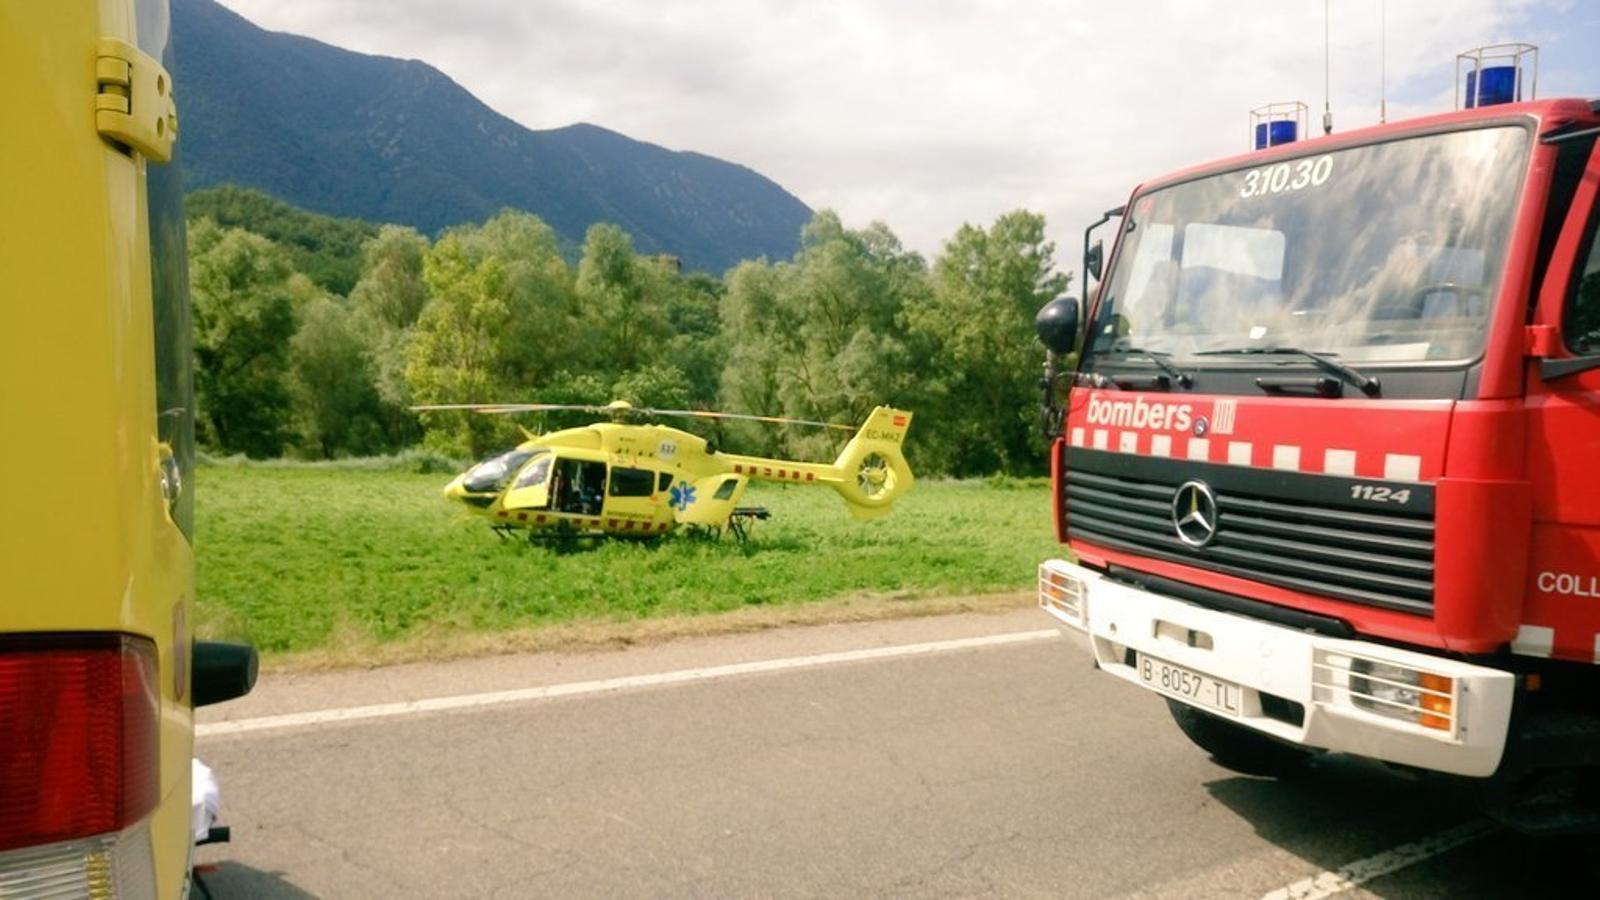 Un helicòpter en un accident del juny en la mateixa zona entre Organyà i Coll de Nargó. / Arxiu ANA